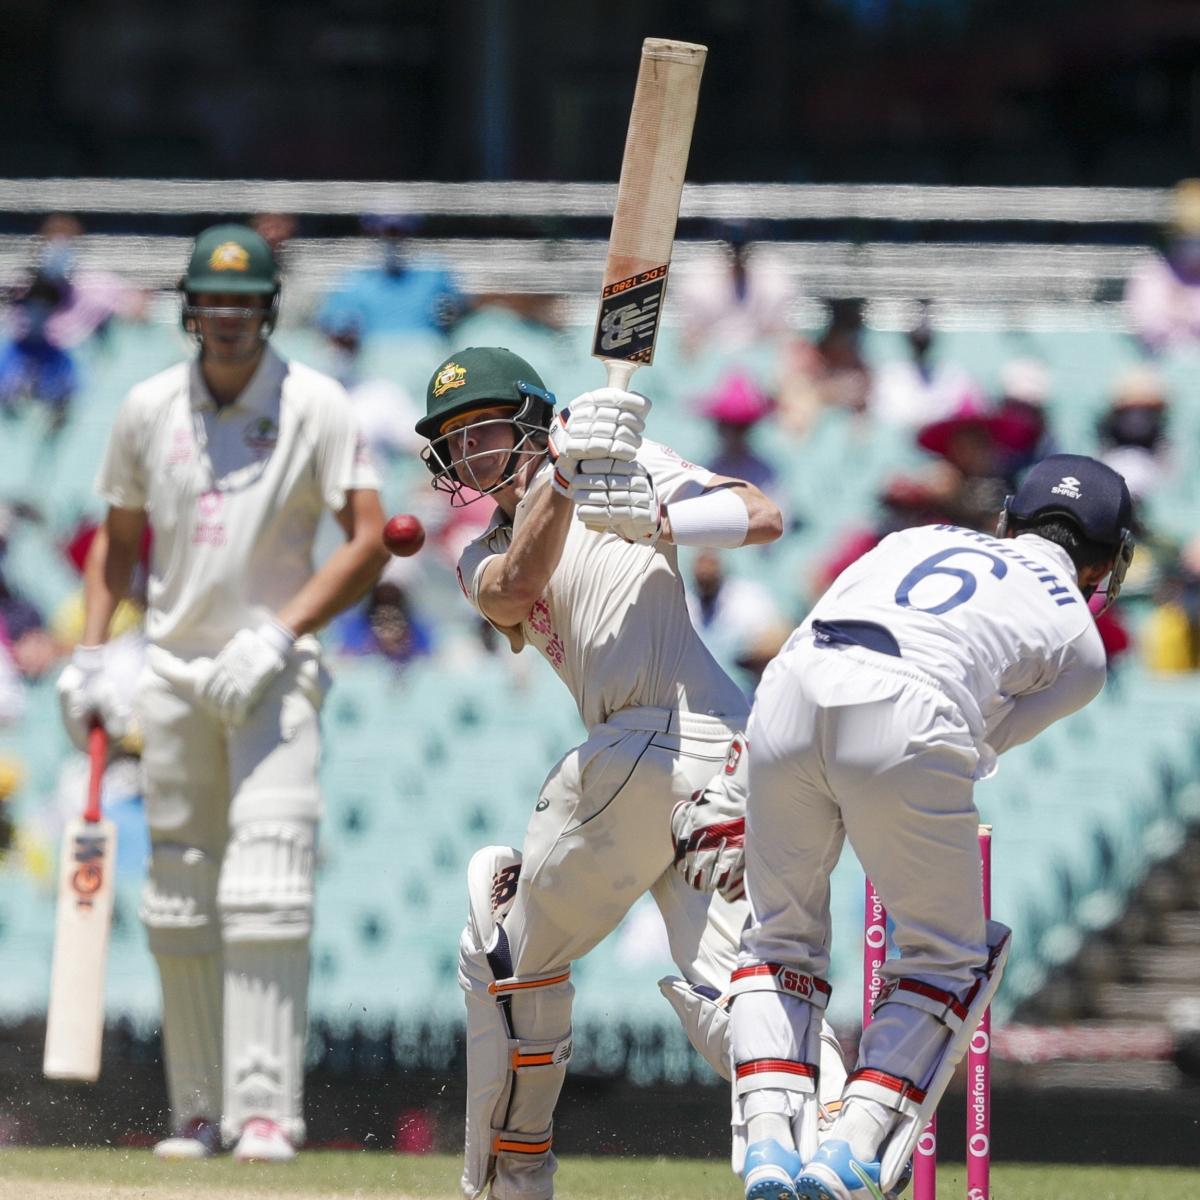 Ind vs Aus, 3rd Test: Australia declare 312/6, India face target of 407